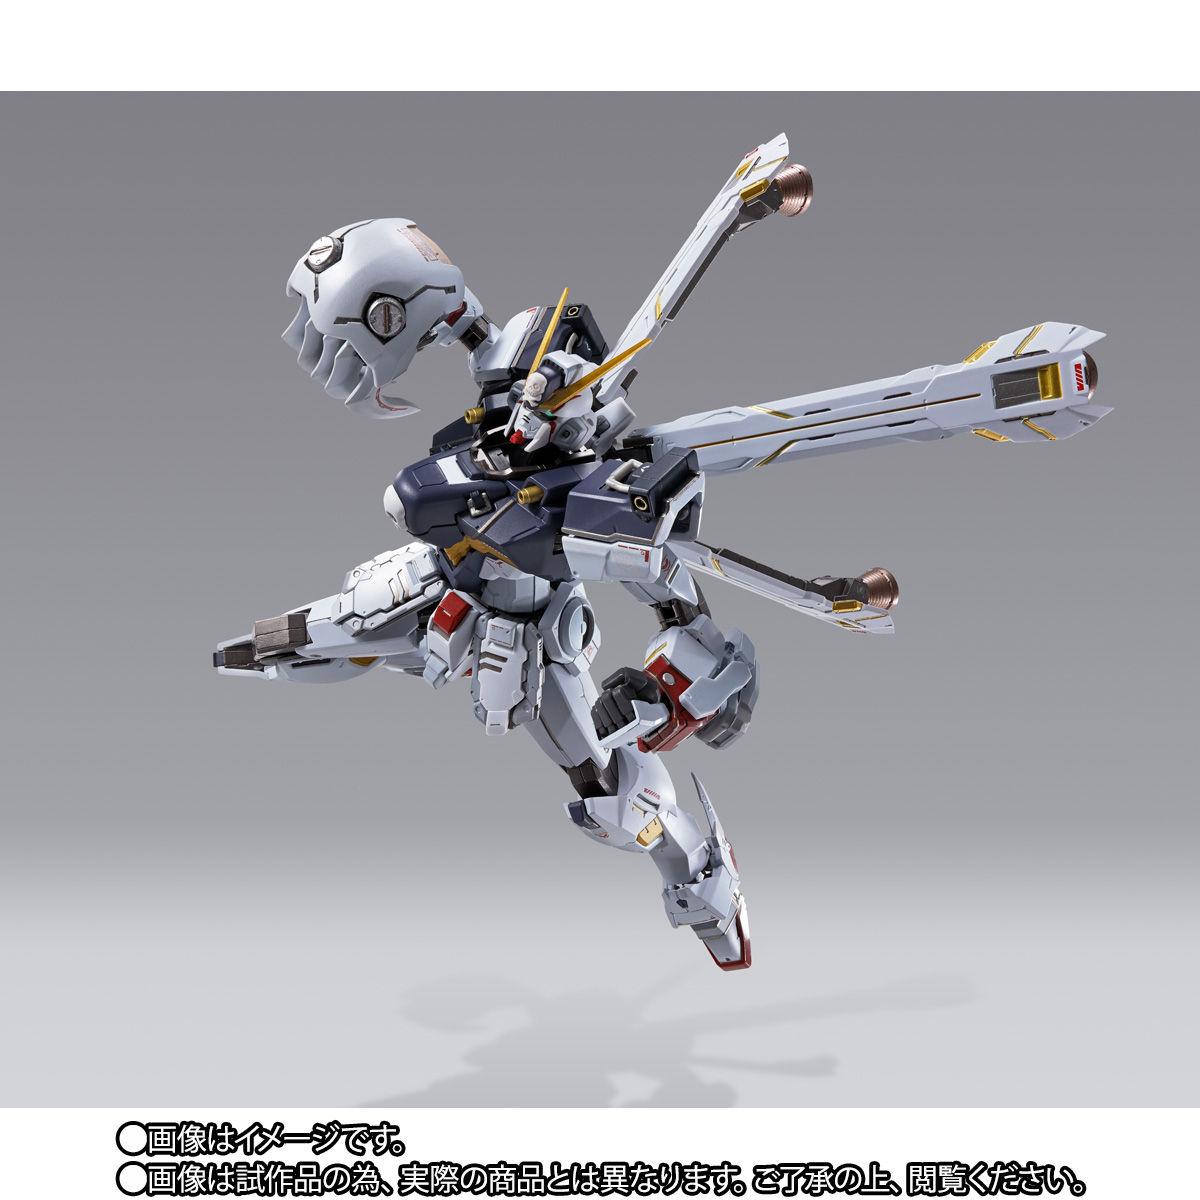 METAL BUILD『クロスボーン・ガンダムX1 フルクロス』機動戦士クロスボーン・ガンダム 可動フィギュア-003